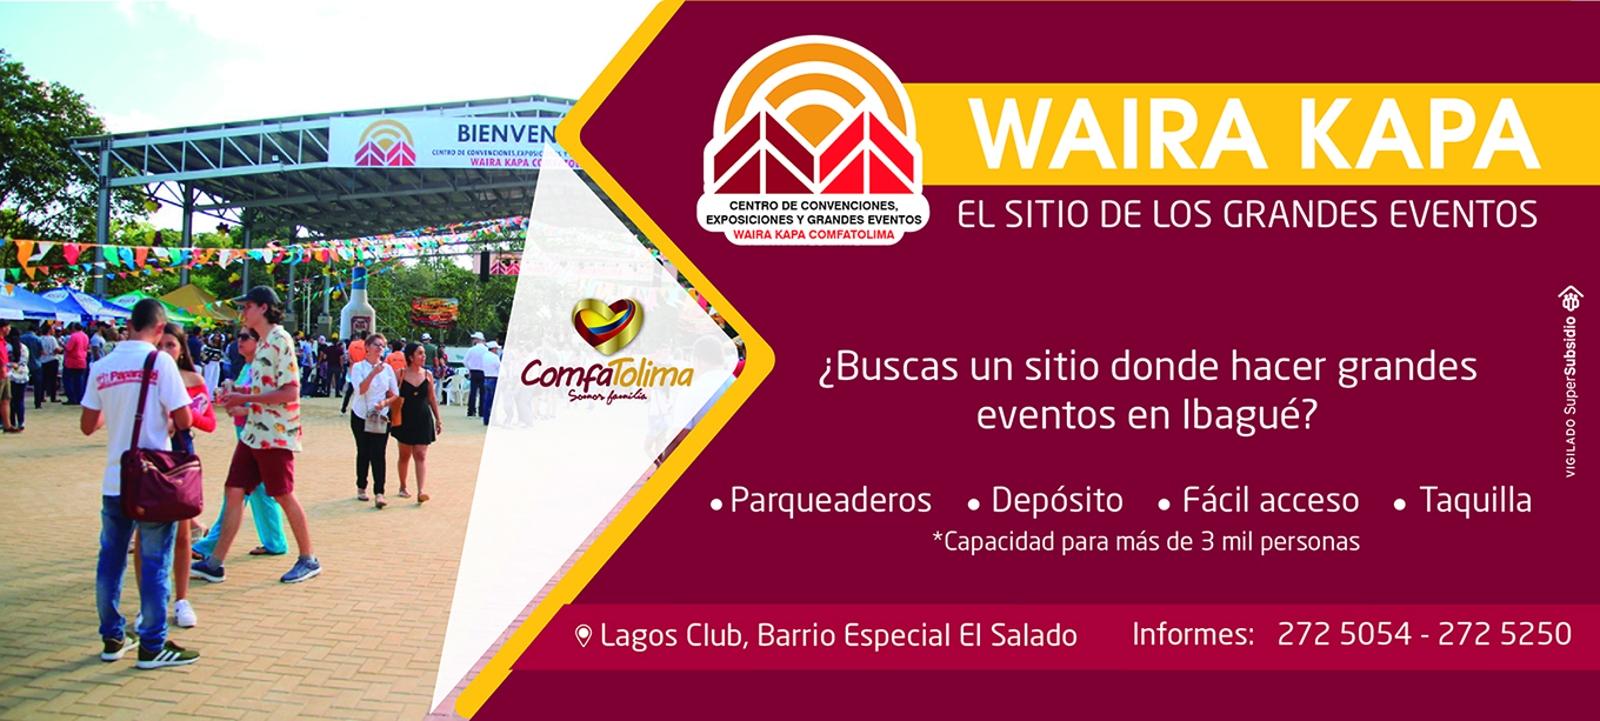 WAIRA KAPA - El sisio de los grandes eventos